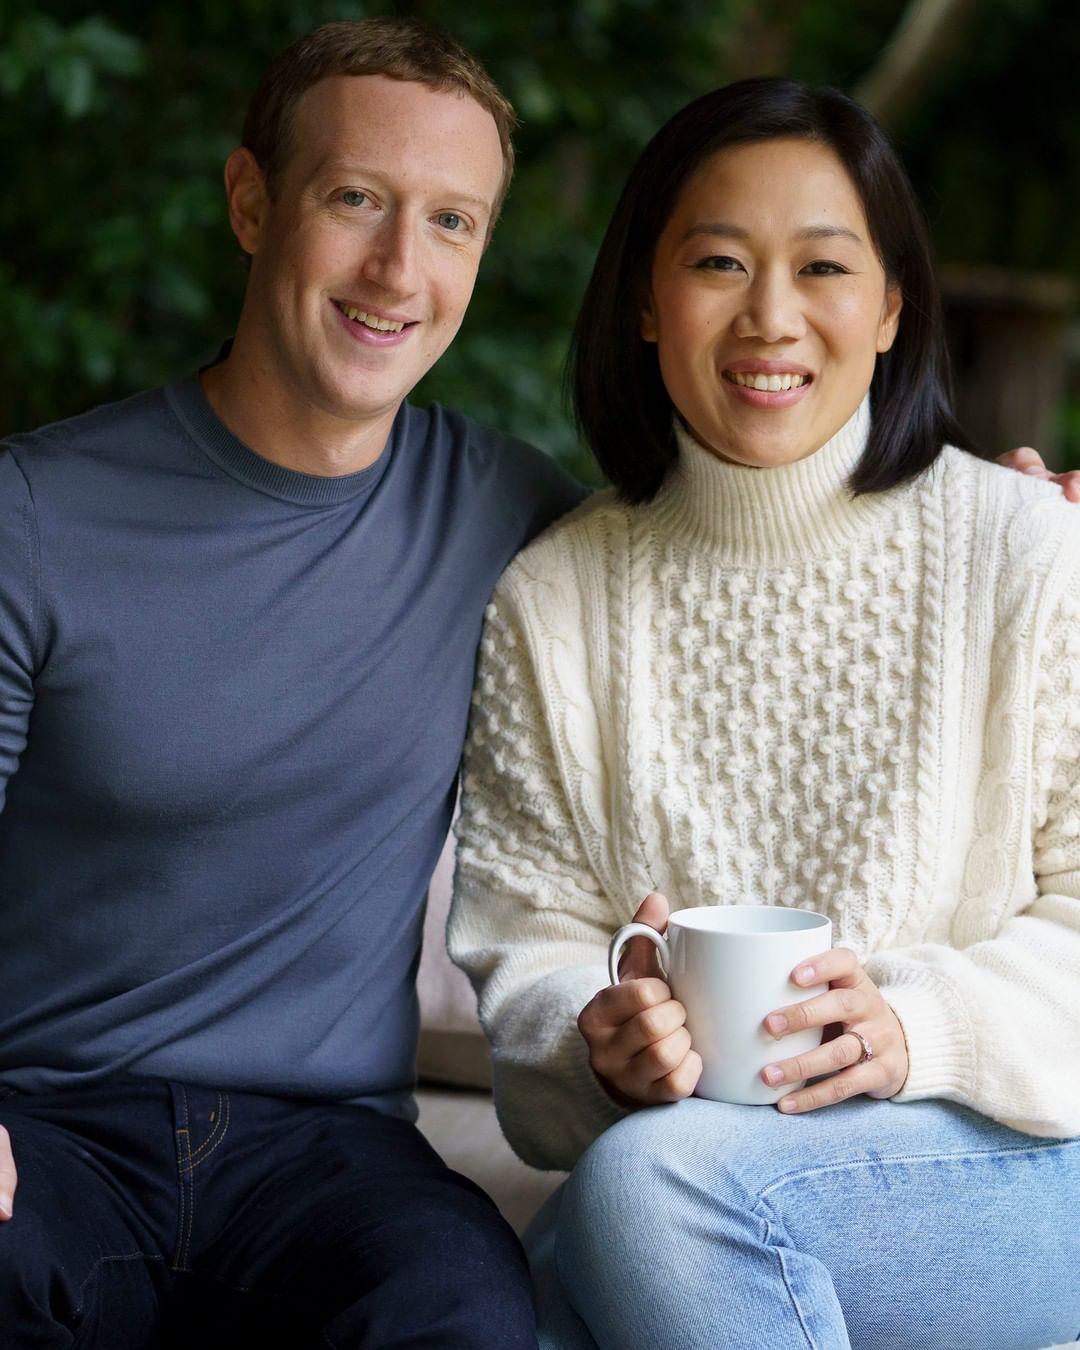 臉書執行長「捐2千萬」救愛店 回顧「疫情捐款」還只是零頭!